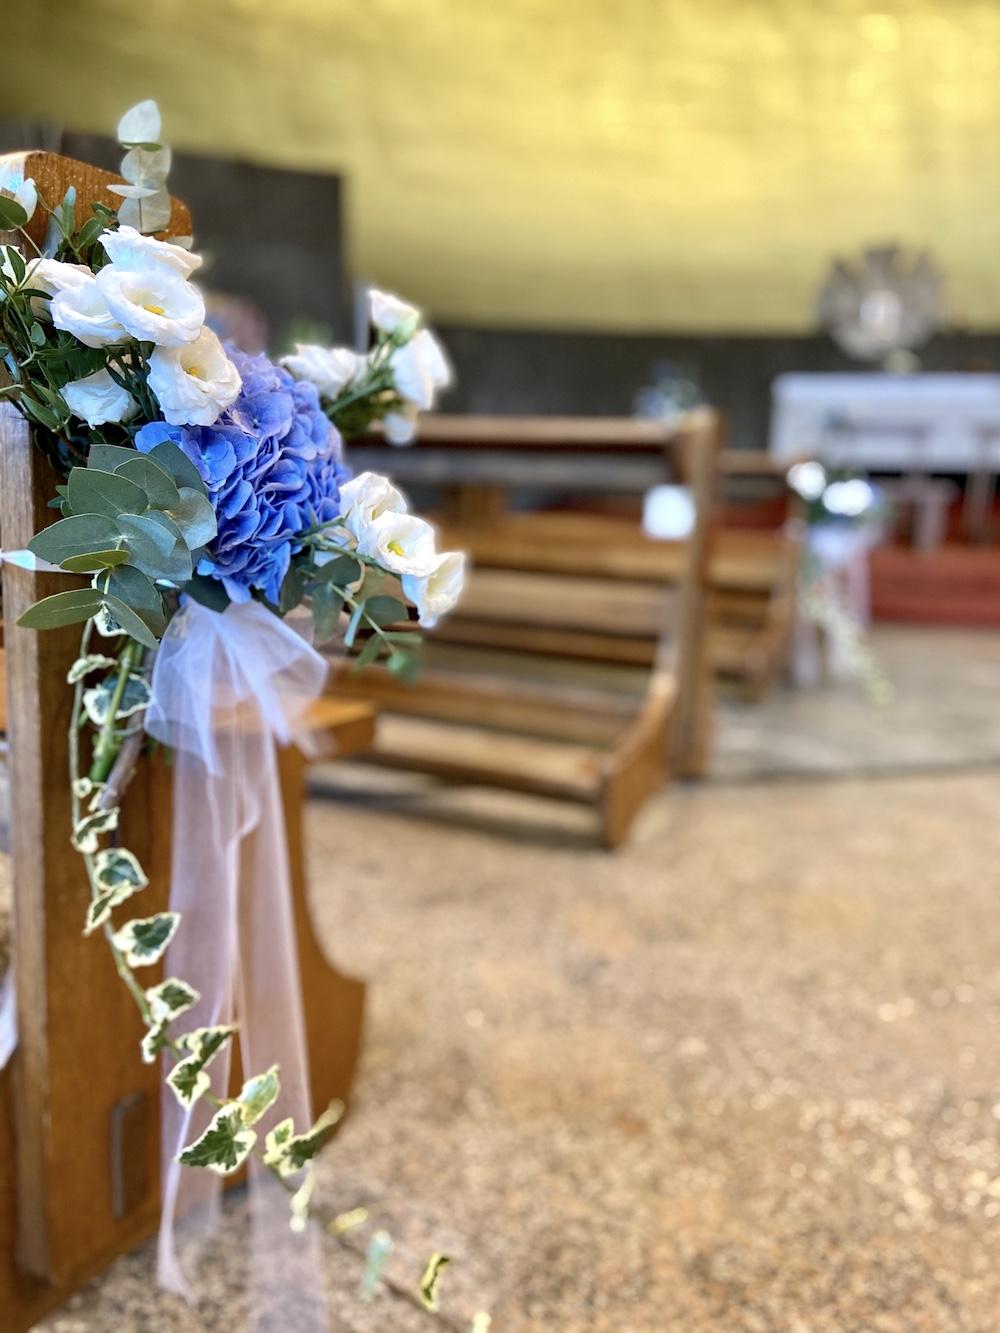 blu IMG_5374Wedding allestimento floreale rossana flower store novellinoBLU Wedding allestimento floreale rossana flower store novellino